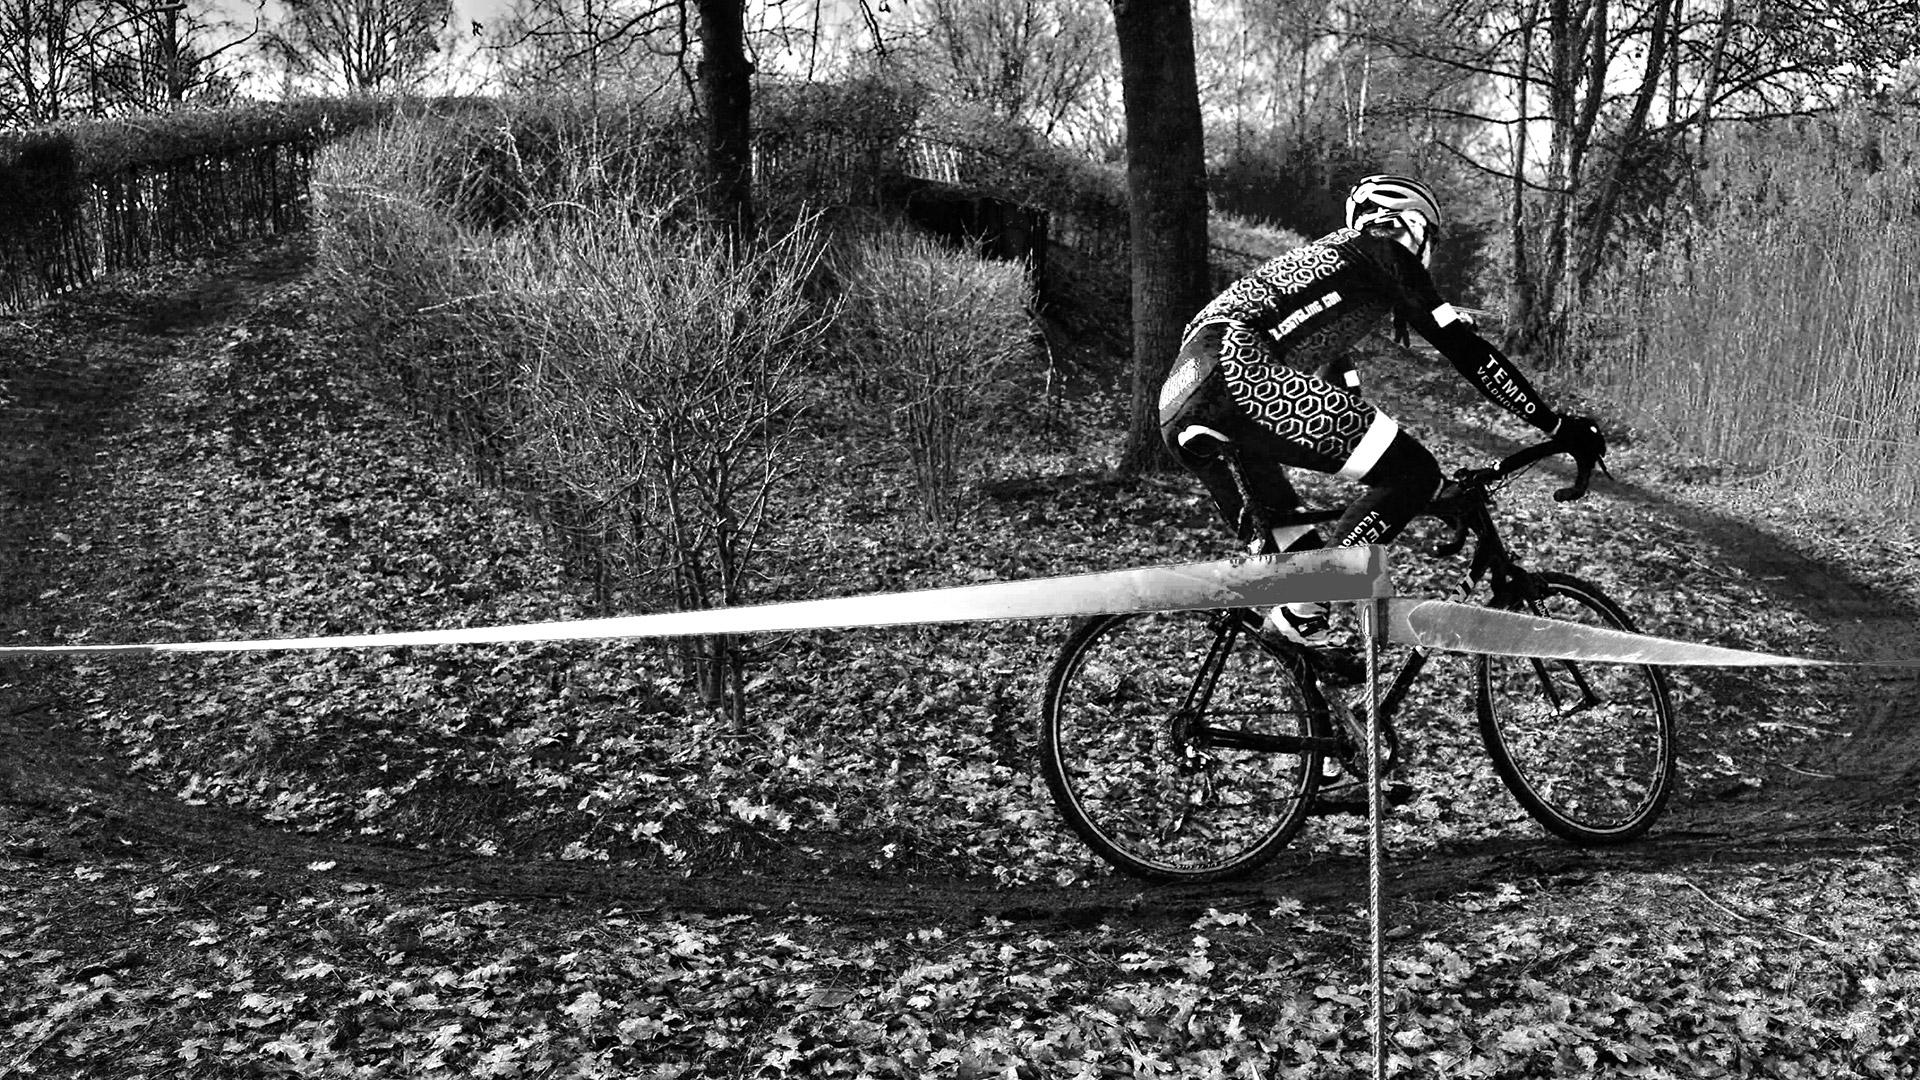 Cobbles zoekt teamleden! Kom jij het leukste fietsblog van de Benelux versterken?